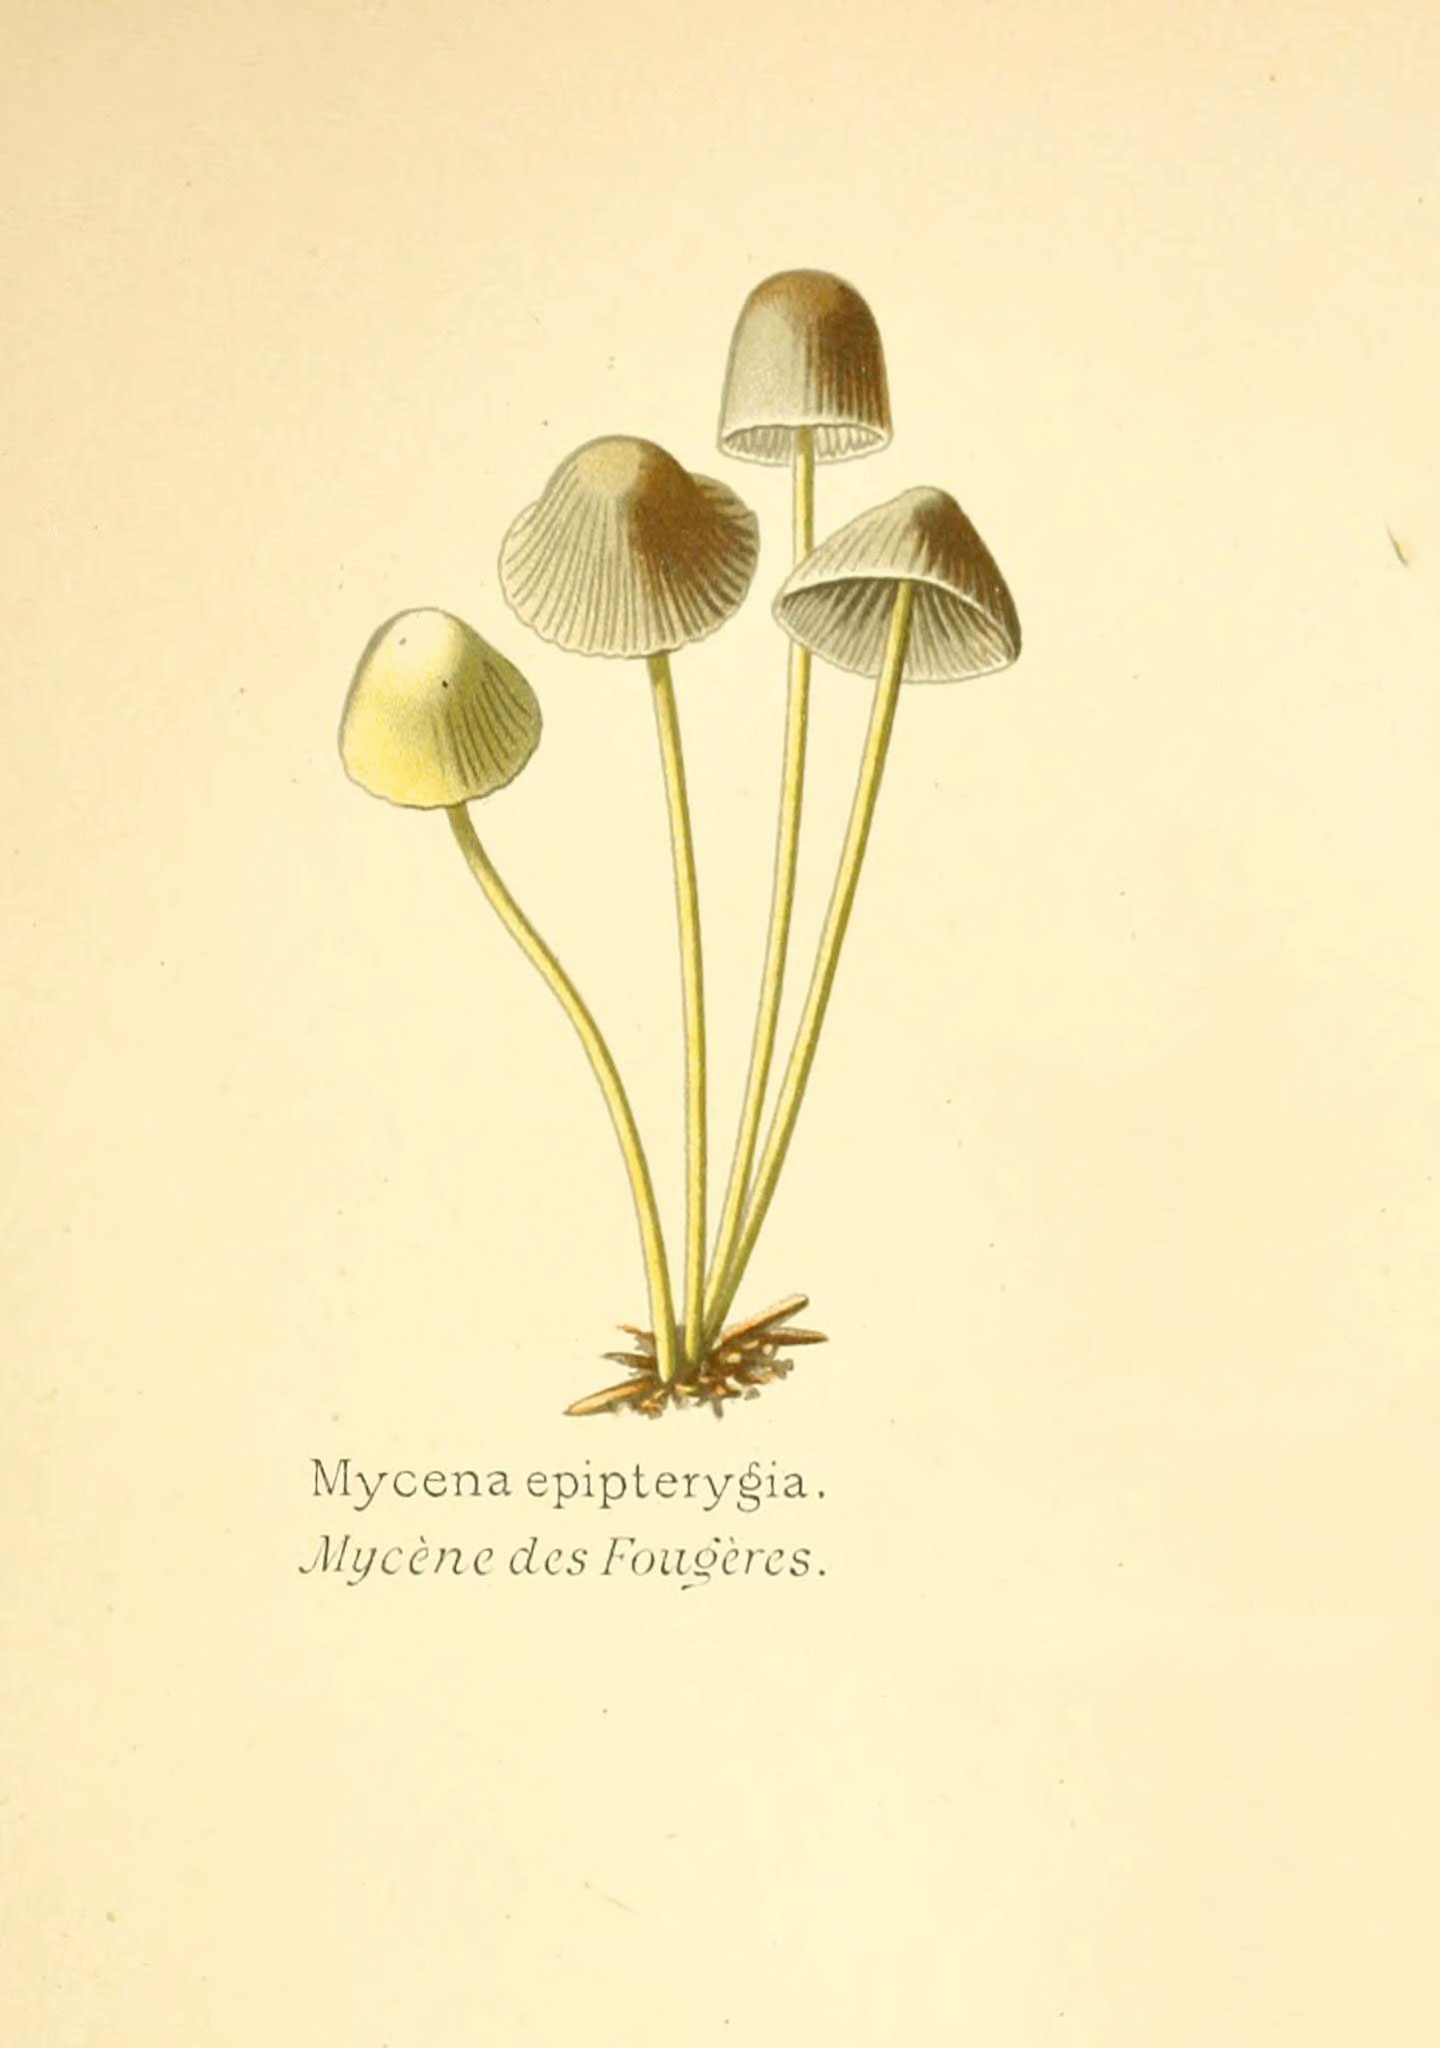 Mycena epipterygia - The Hall of Einar